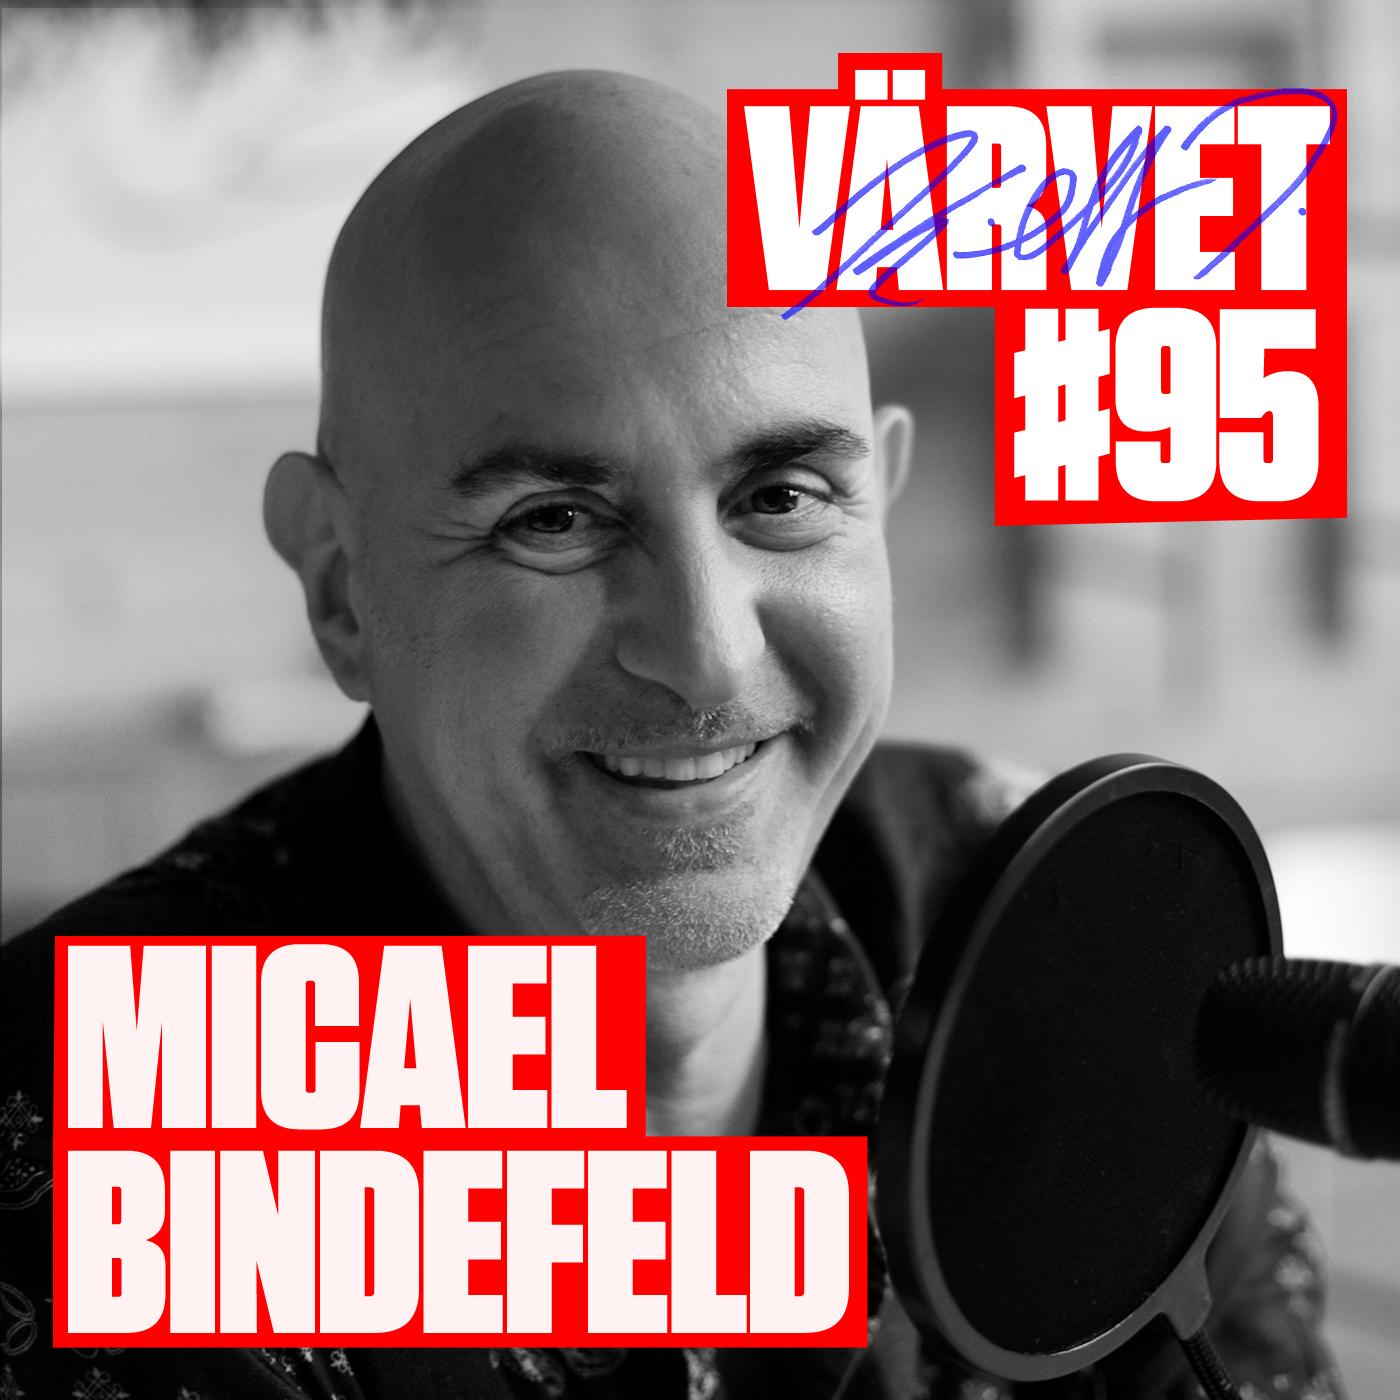 Det svåra nittiofemte avsnittet med pr- och eventbyrå-VD:n Micael Bindefeld, som trots familjens tryck på högre studier valde sin egen väg och blev frisör, ... - VARVET-95-MICAEL-BINDEFELD